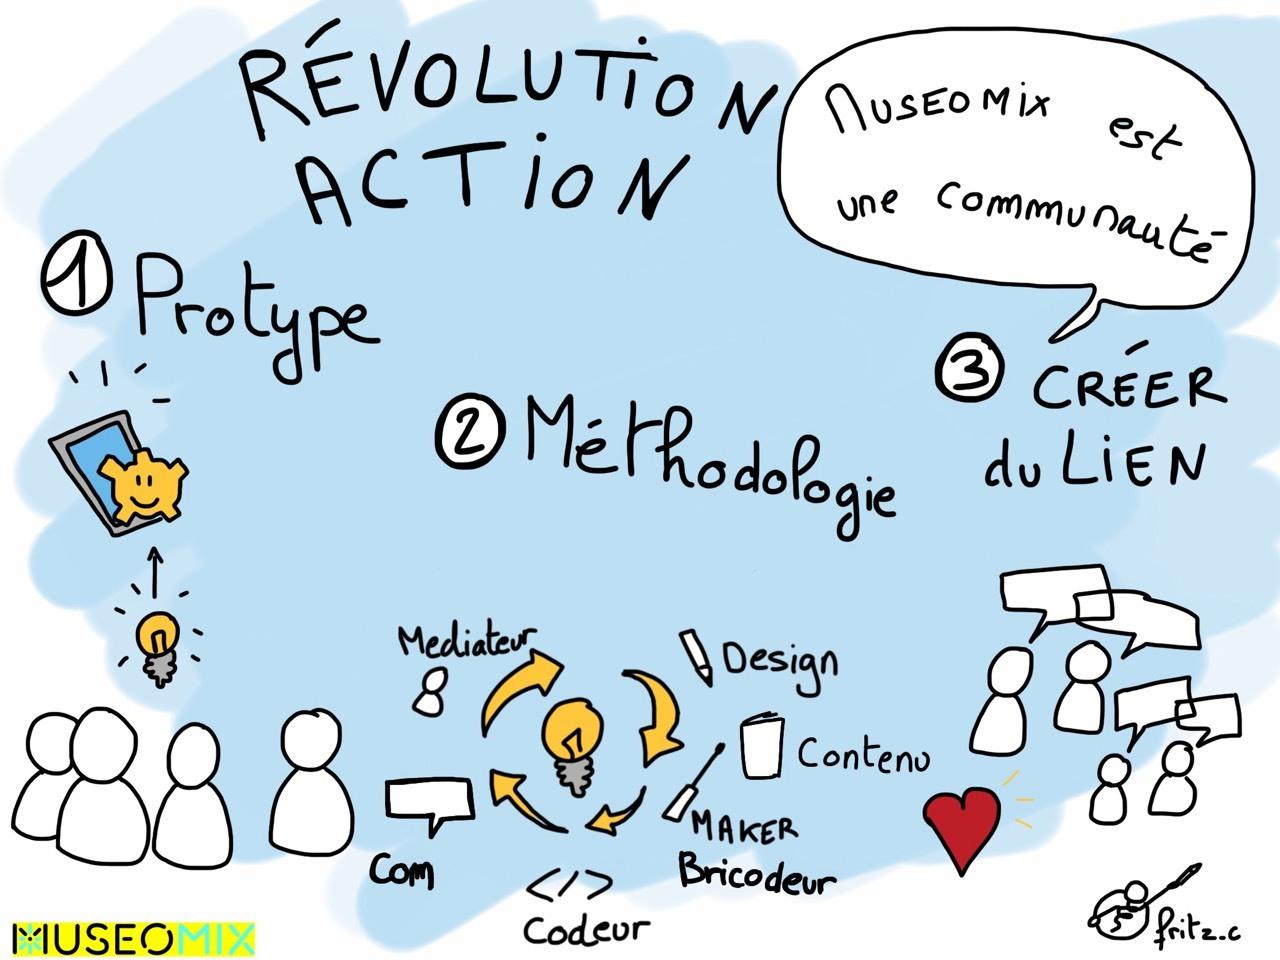 Museomix est une révolution - action est des prototypes, une méthodologie et permet de créer du lien